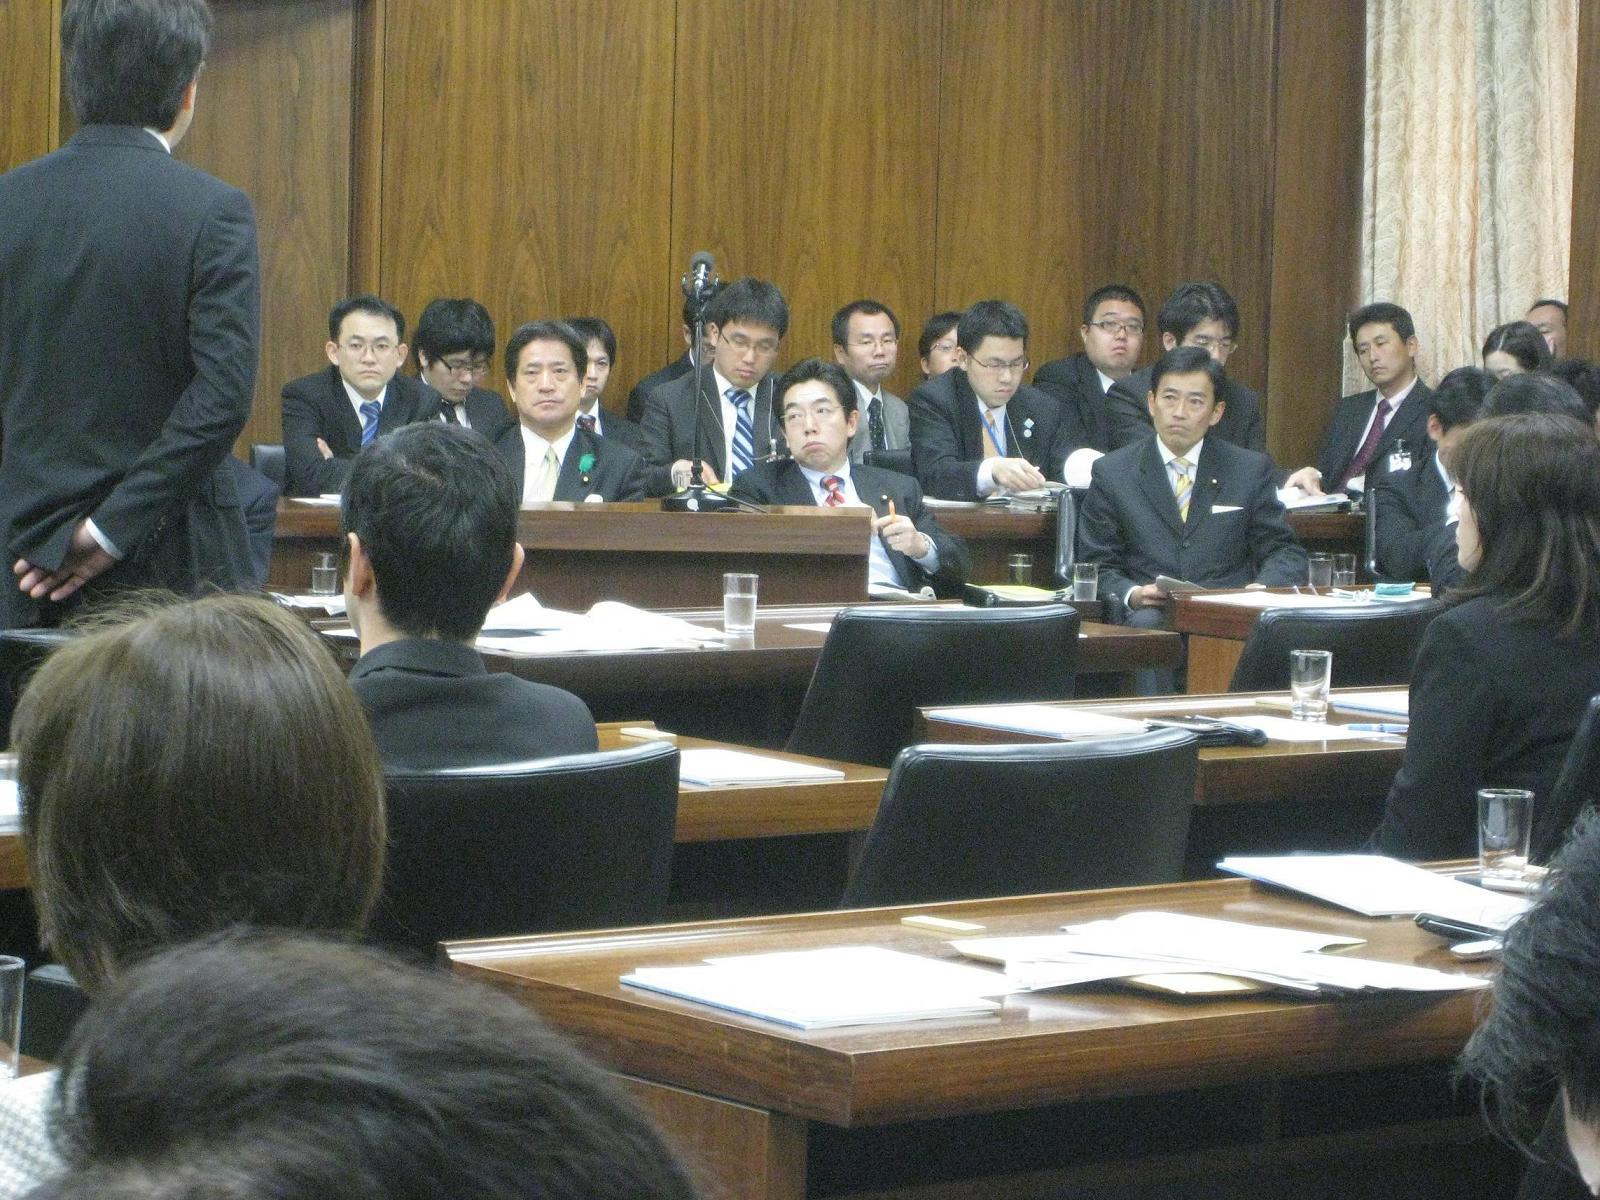 衆議院・経済産業委員会答弁